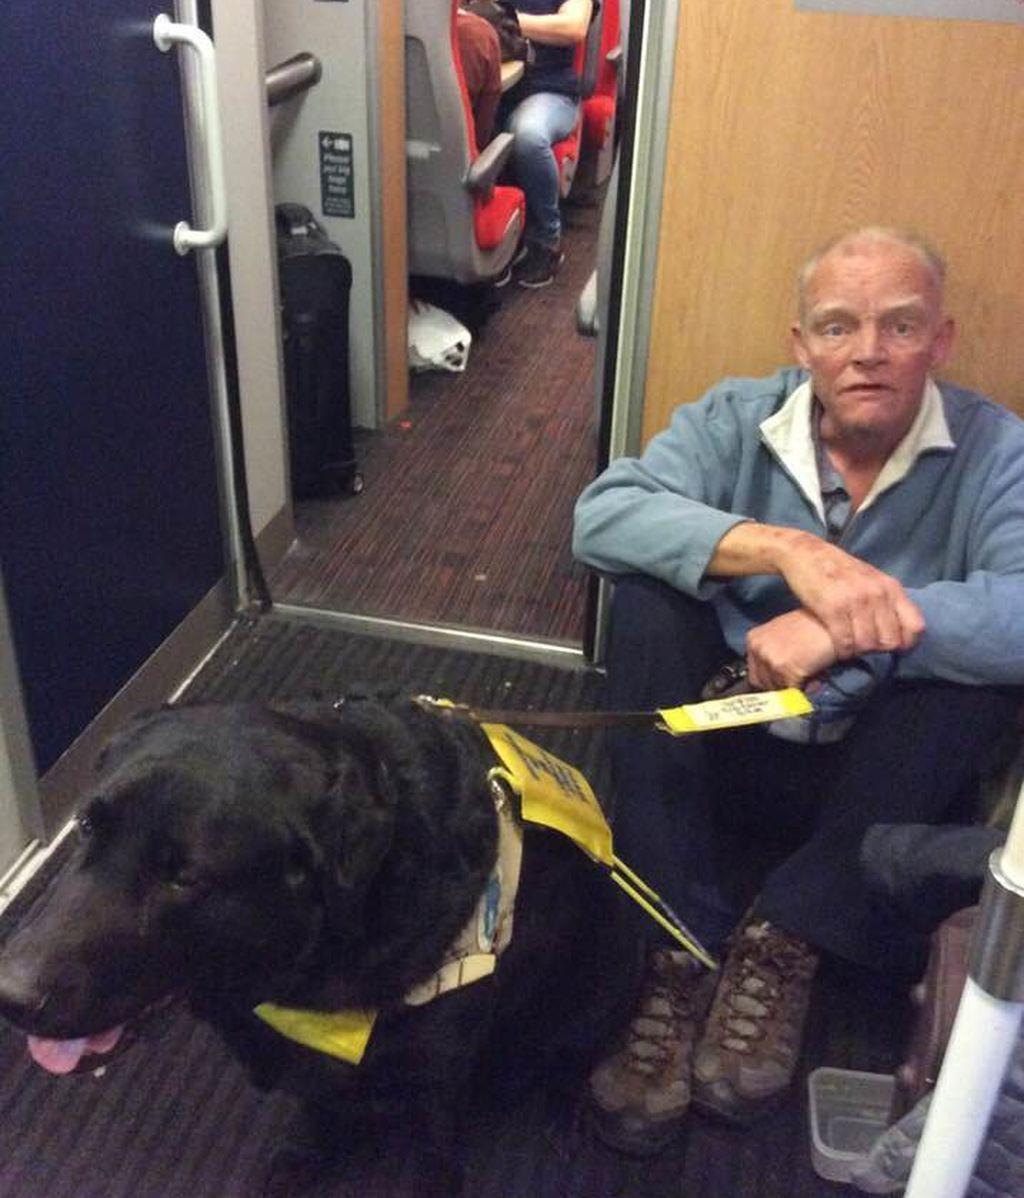 Un pasajero ciego viaja tres horas sentado en el suelo del tren porque el maquinista se niega a buscarle un asiento